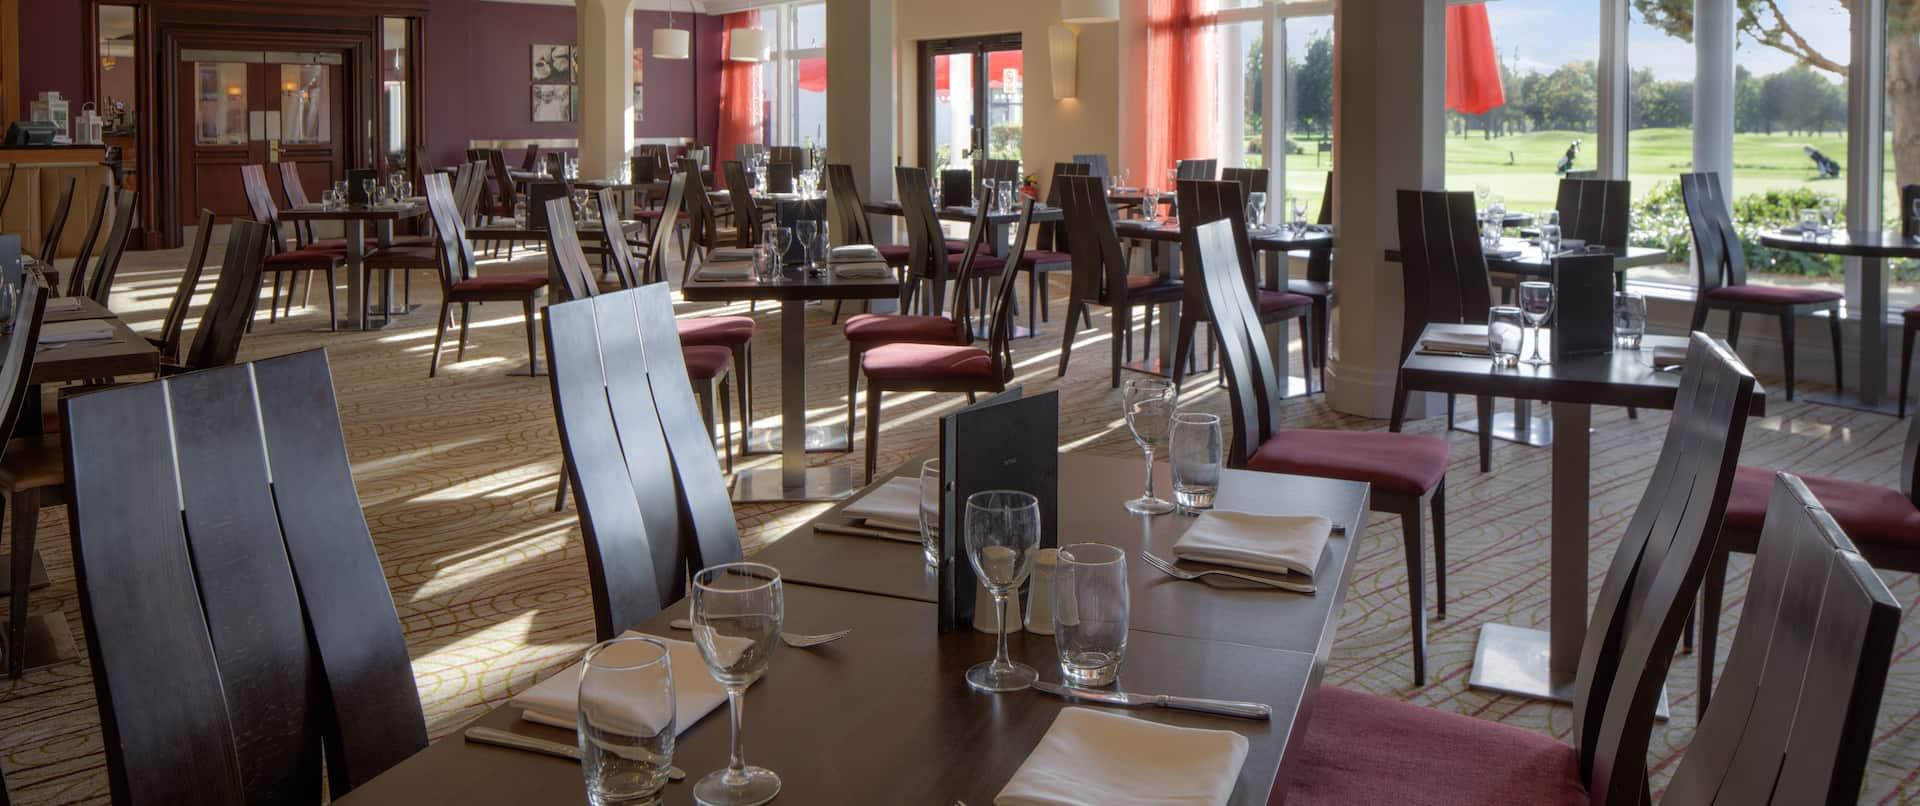 Treffner's Restaurant